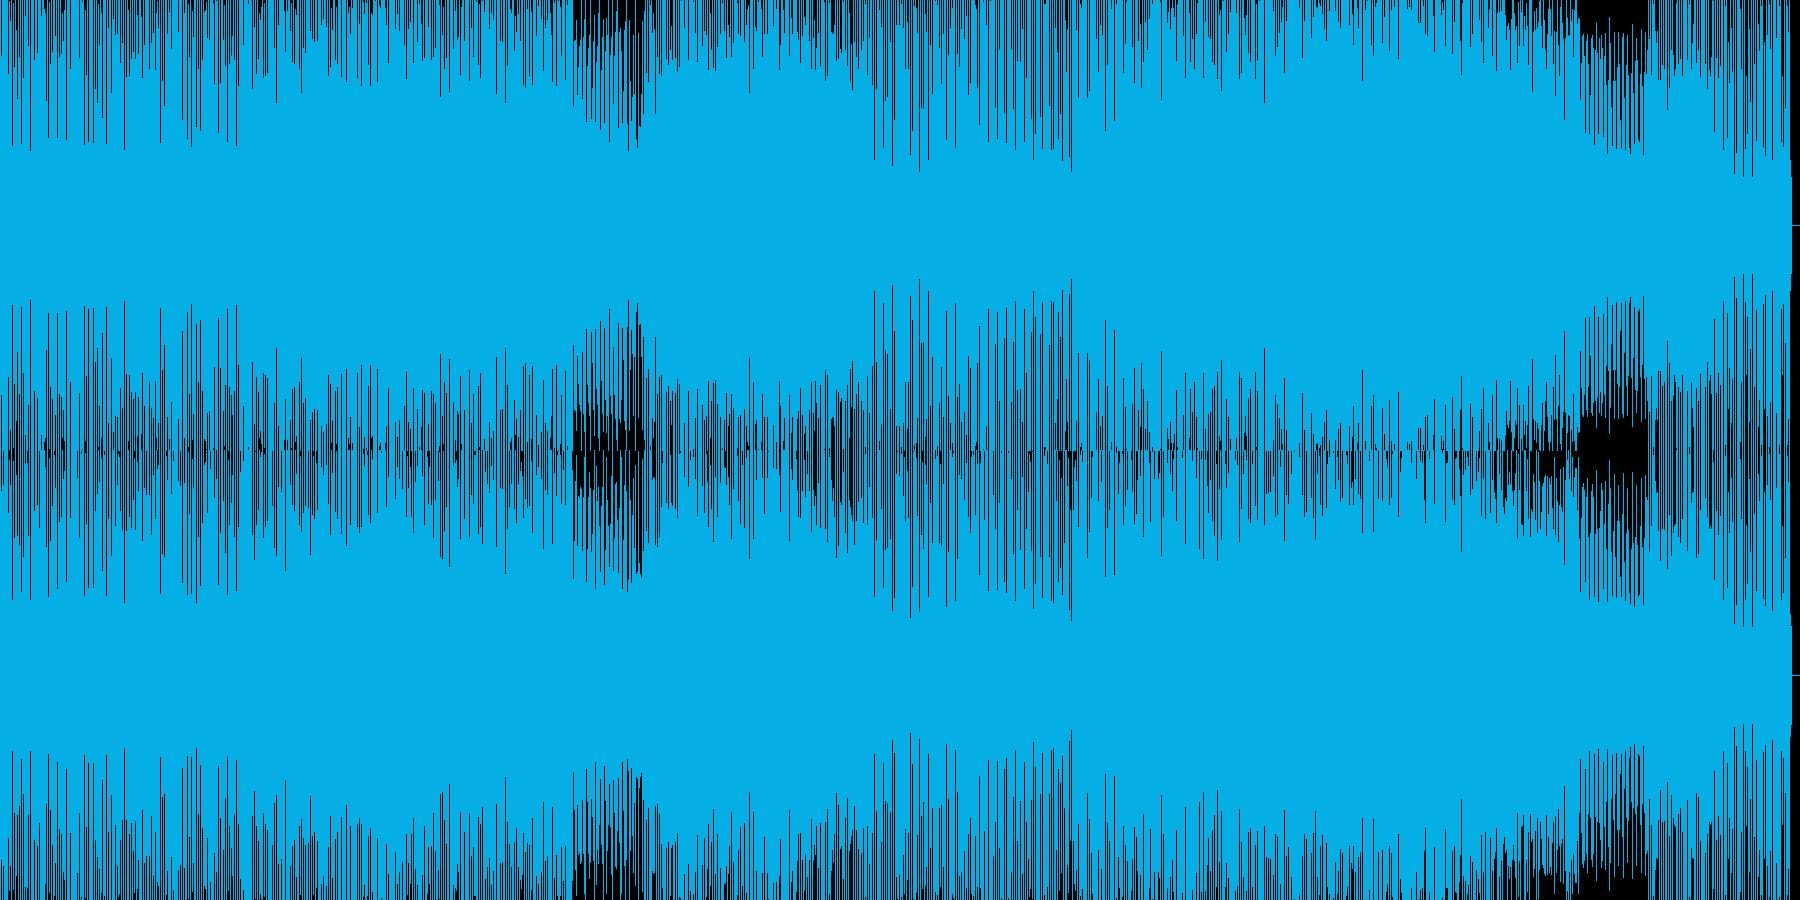 泡のような音が鳴り響くハウスの再生済みの波形